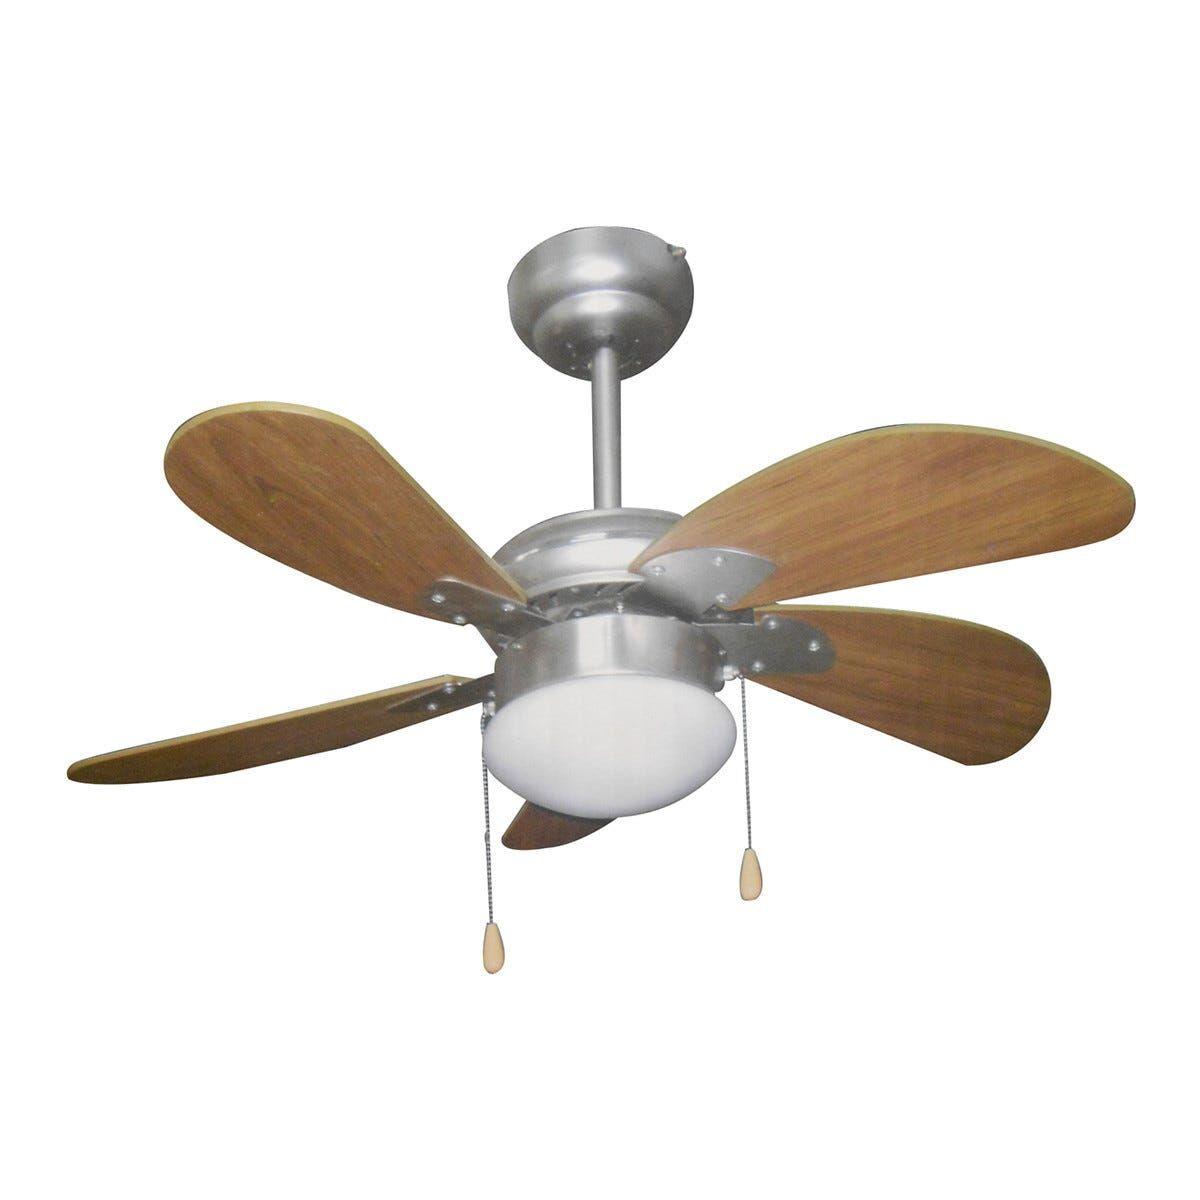 ventilatore da soffitto 5 pale Ø 76 cm con luce e comando a cordicella colore noce